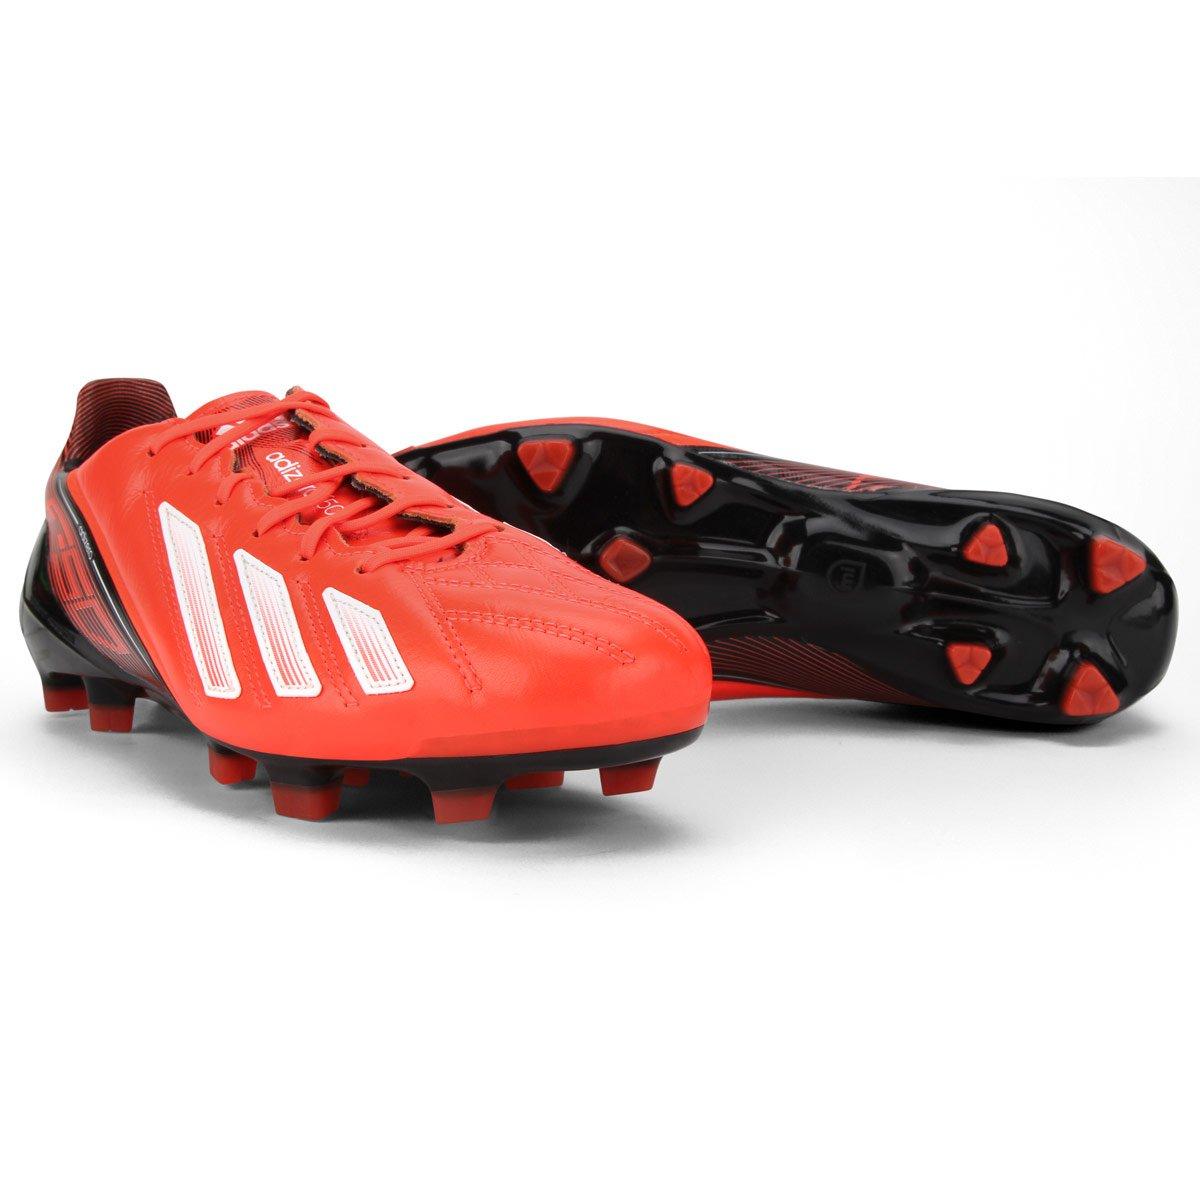 Chuteira Adidas F50 Adizero TRX Leather FG - Compre Agora  8ee1426f46a54